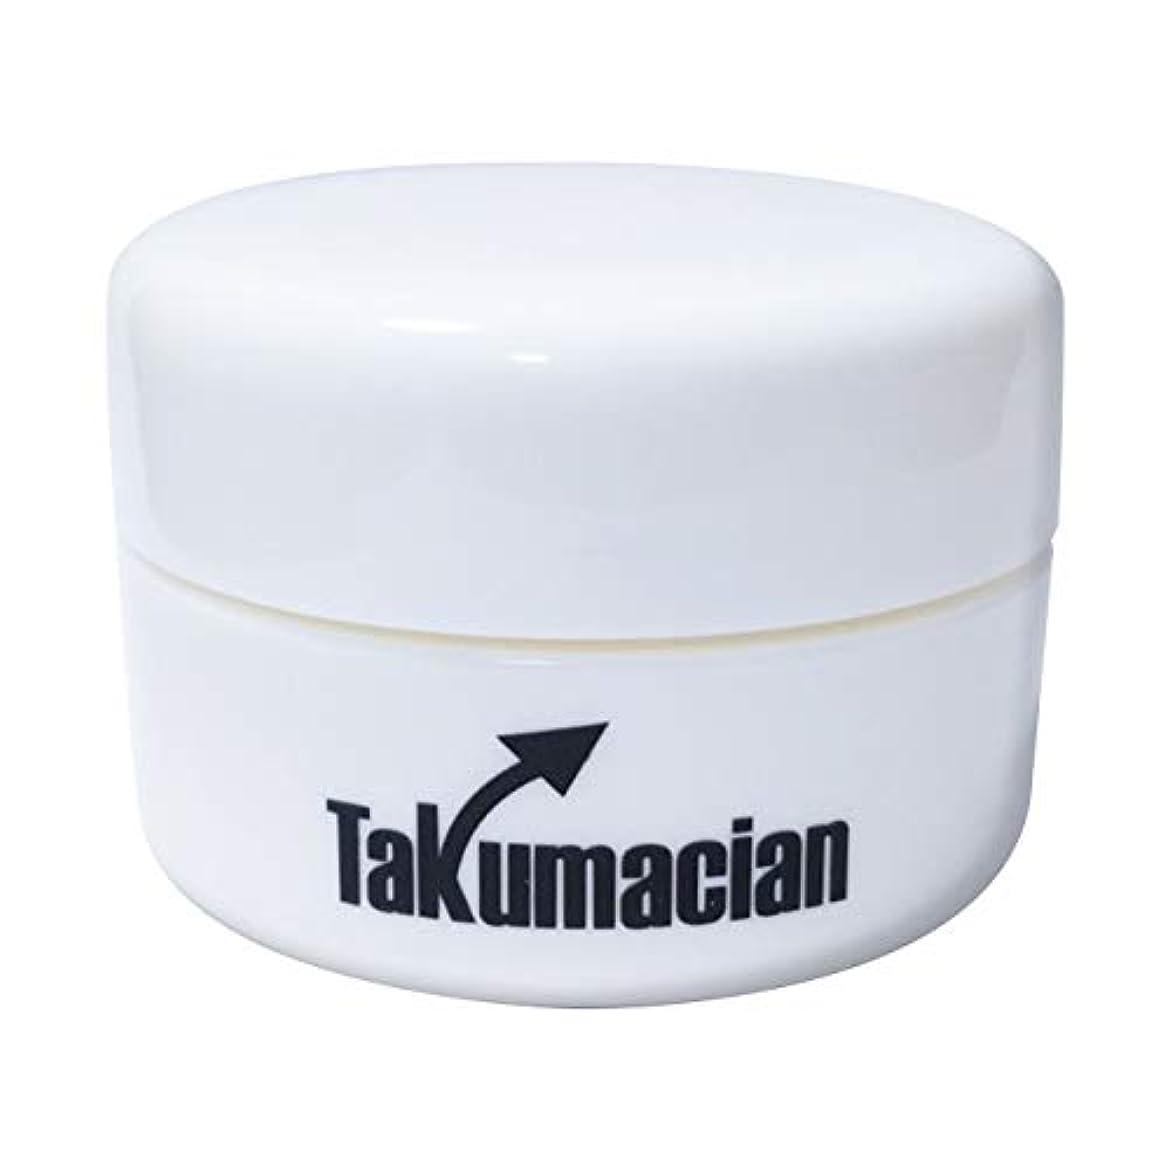 スクラッチ感性特許Takumacian タクマシアン ボディ用クリーム 男性用 長持ち 自信